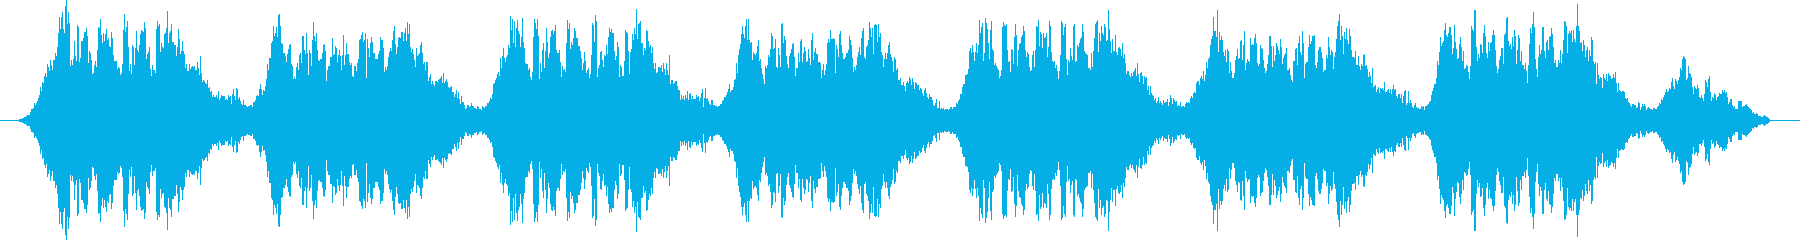 緊急自動車サイレン音 タイプAの再生済みの波形